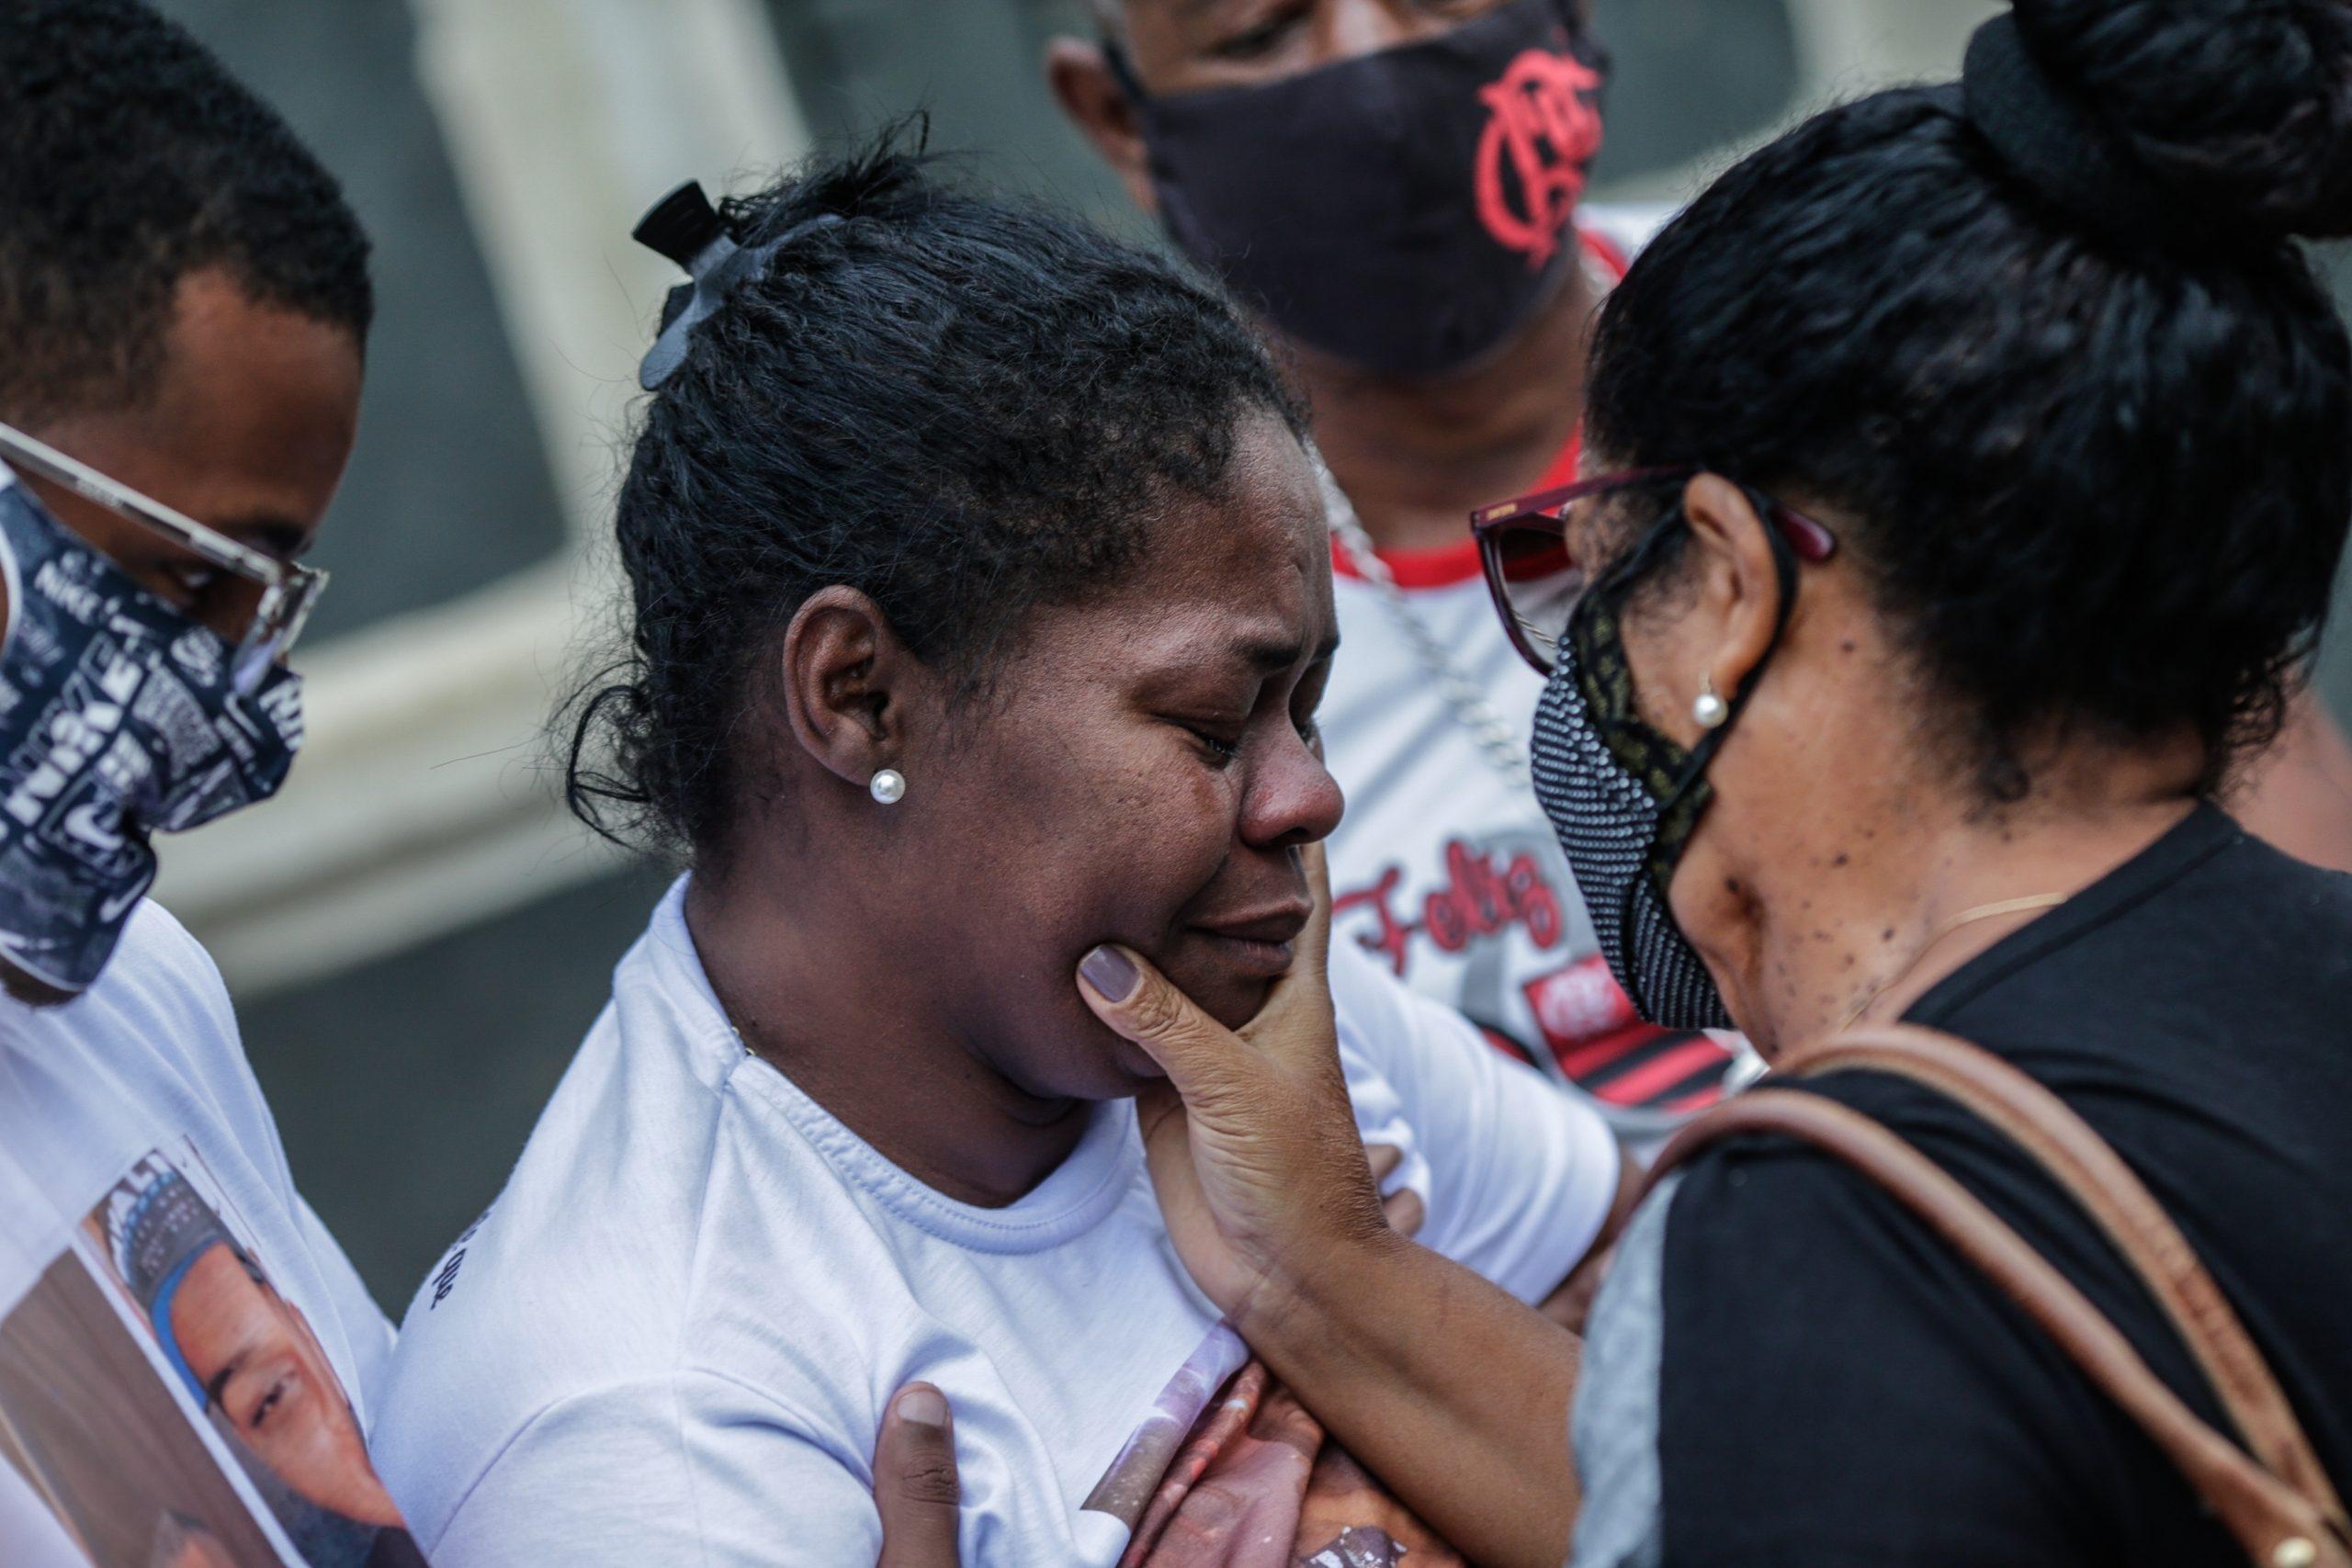 Personas asisten el 8 de mayo al entierro de las víctimas del operativo policial ocurrido en la favela de Jacarezinho en Río de Janeiro, Brasil. Foto de EFE/André Coelho.